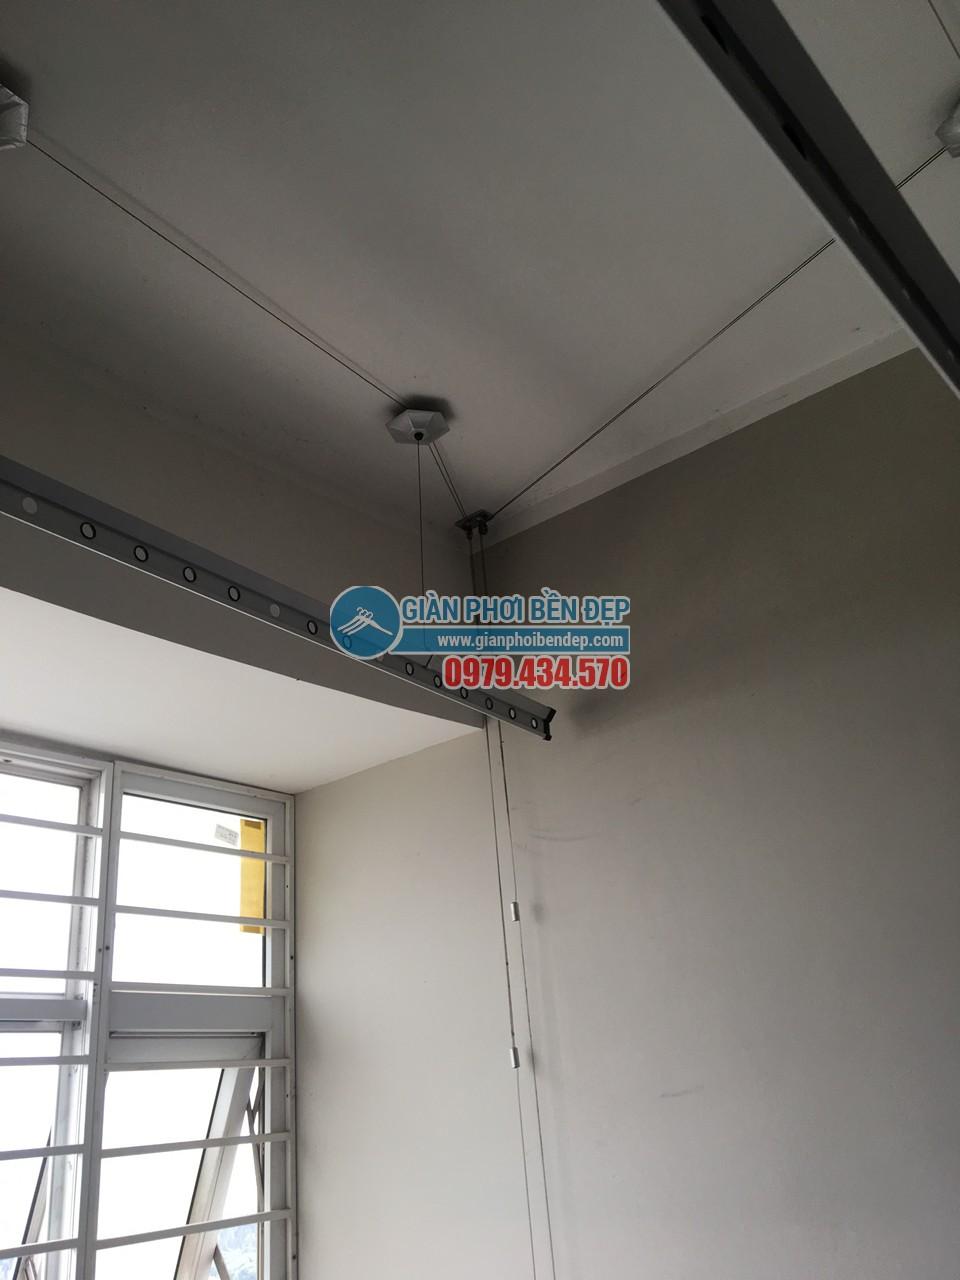 Hoàn thiện thay dây cáp giàn phơi thông minh nhà cô Liên, KĐT Nam Cường - Cổ Nhuế - 02